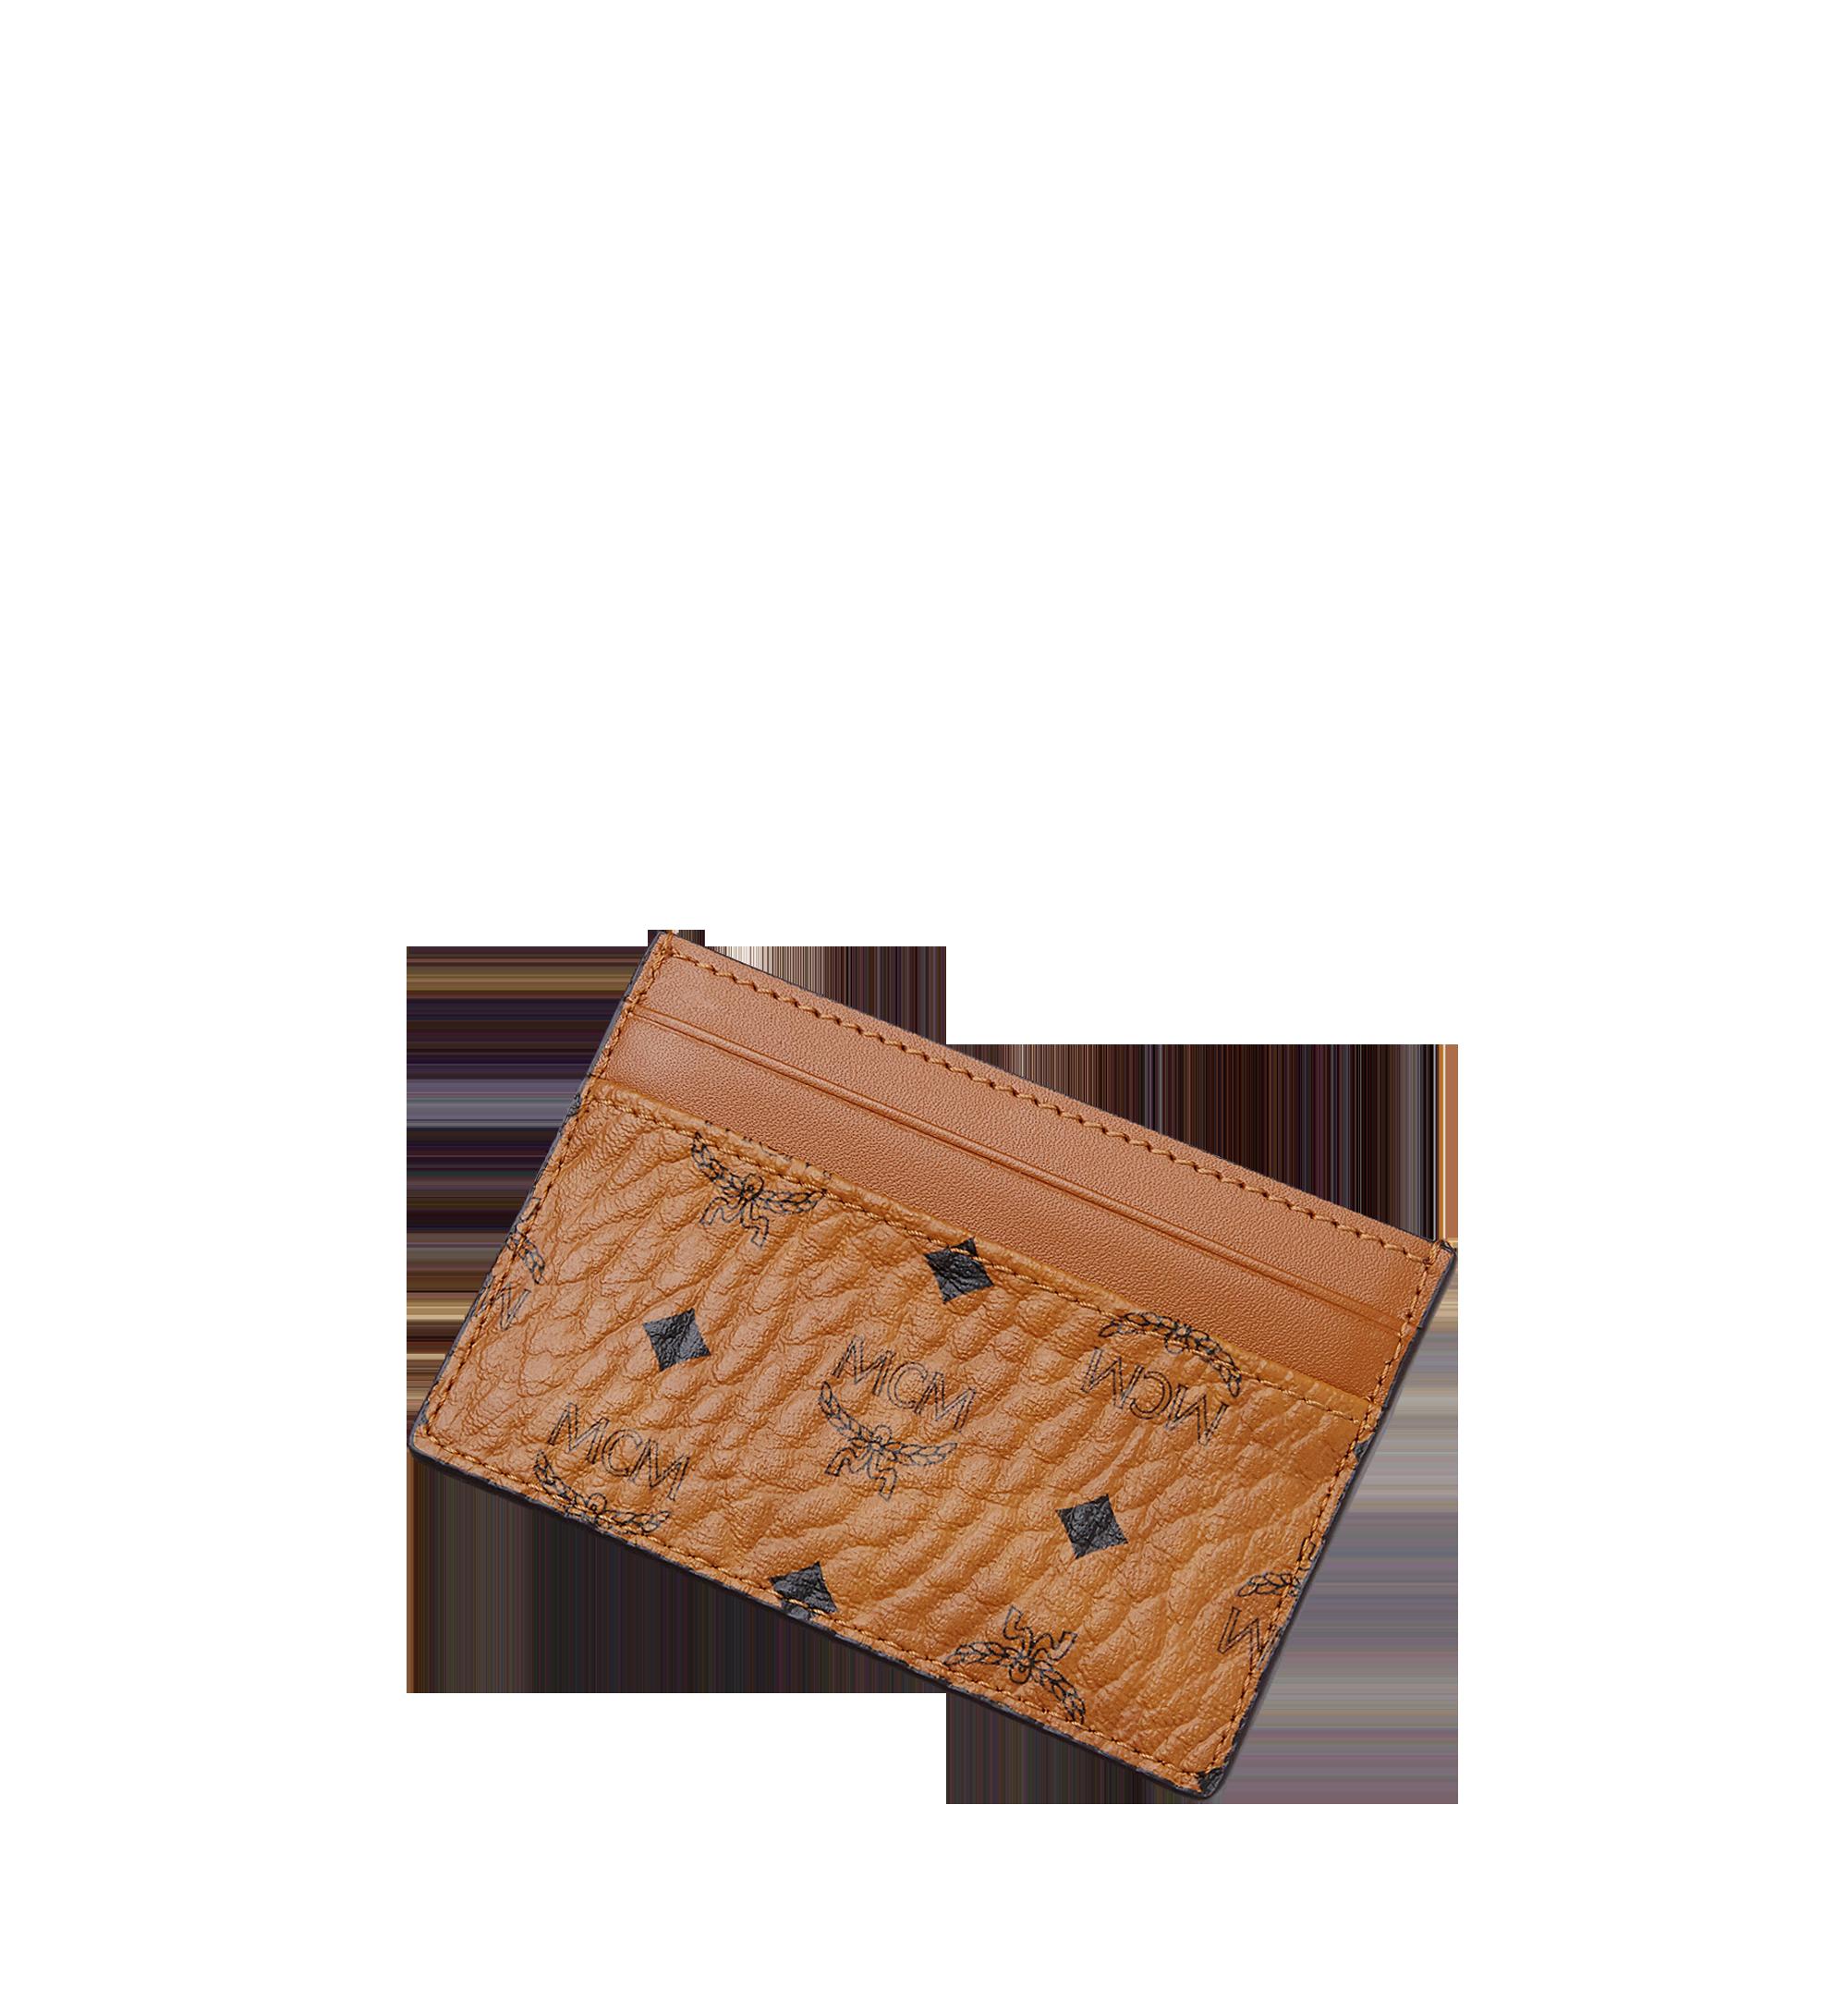 MCM Card Case in Visetos Original Cognac MXA8SVI26CO001 Alternate View 3